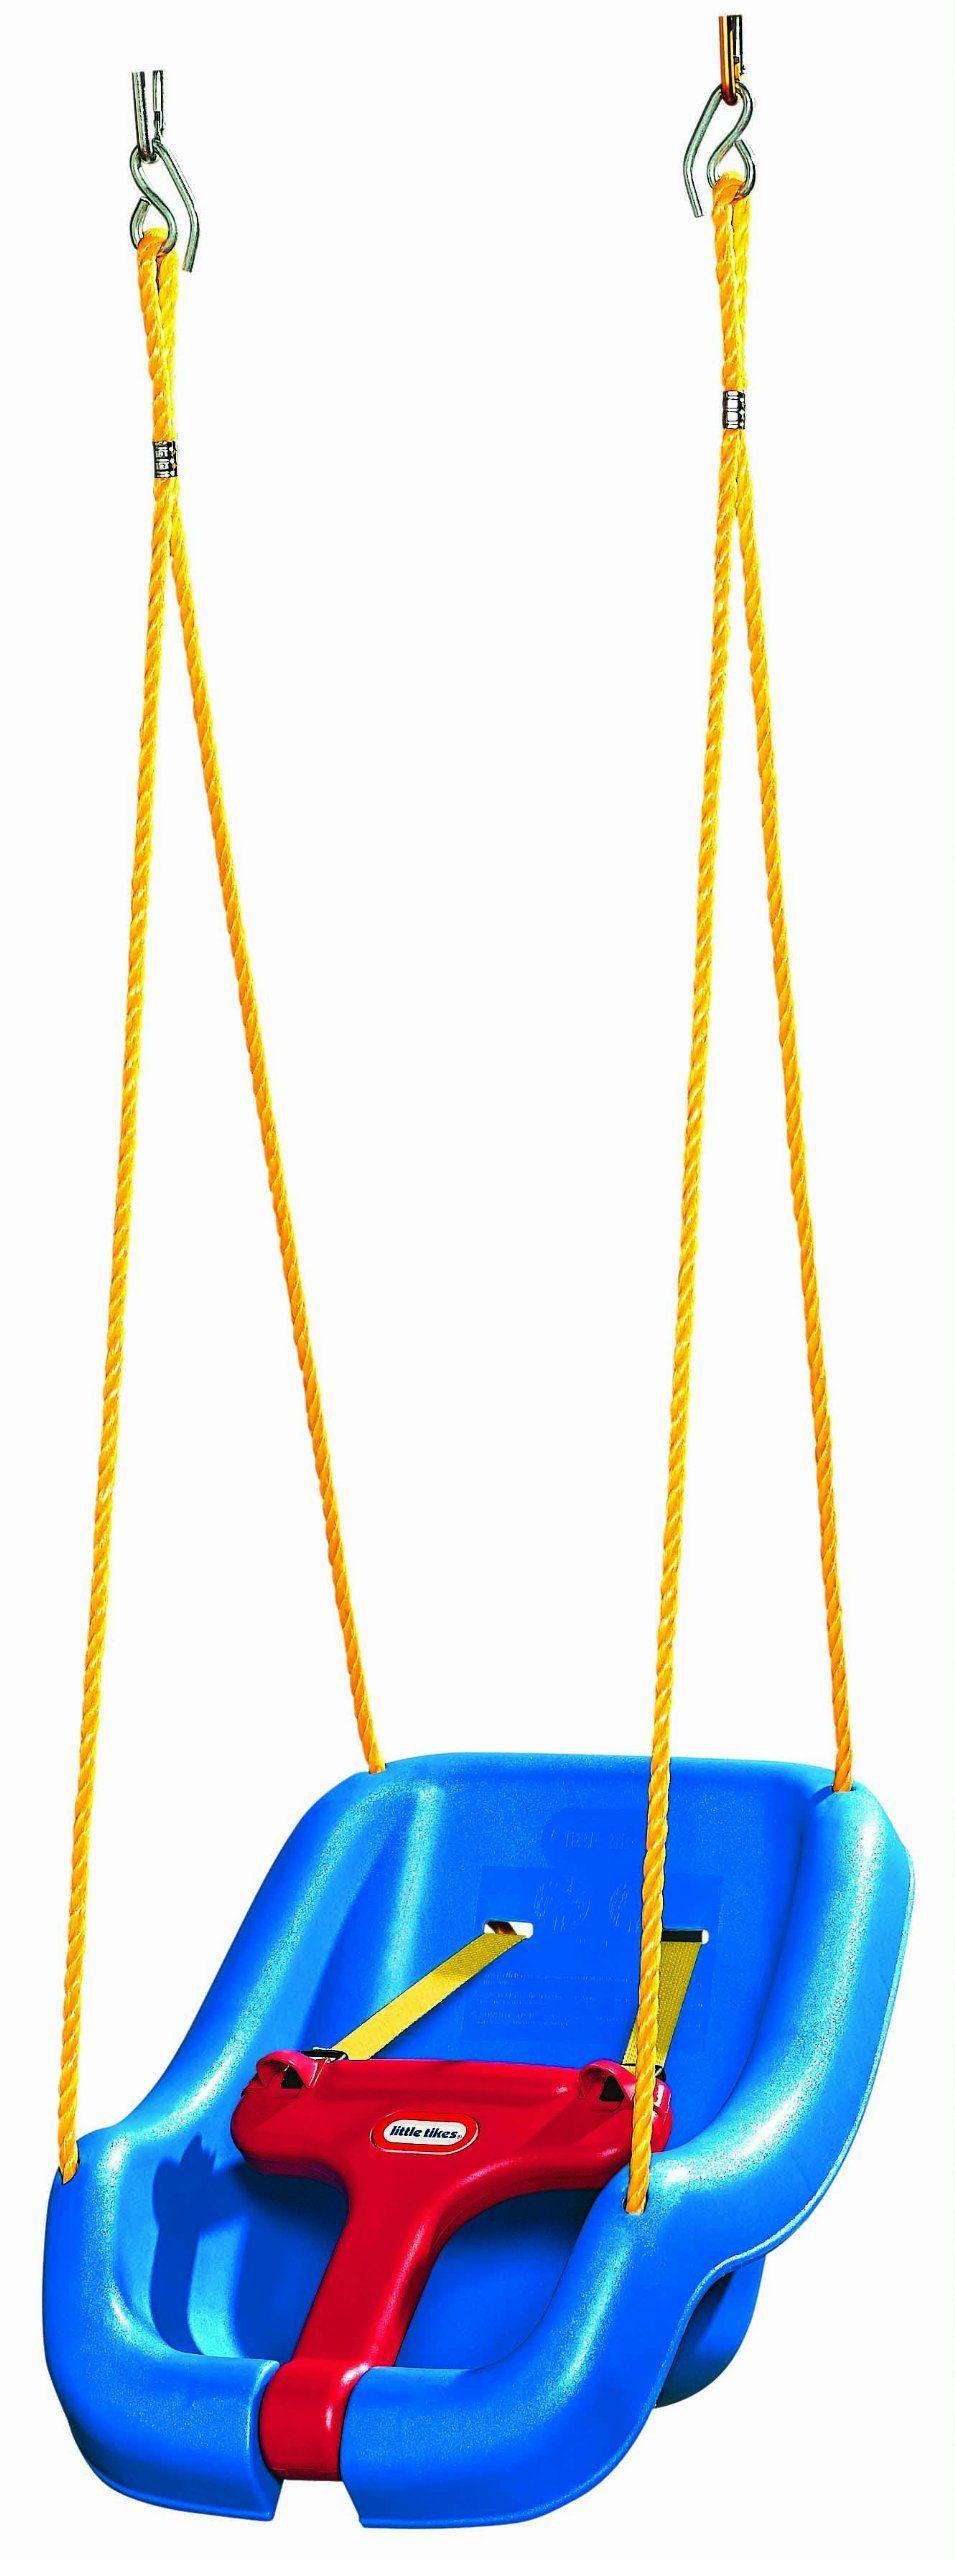 Amazon Little Tikes 2 In 1 Snug N Secure Swing